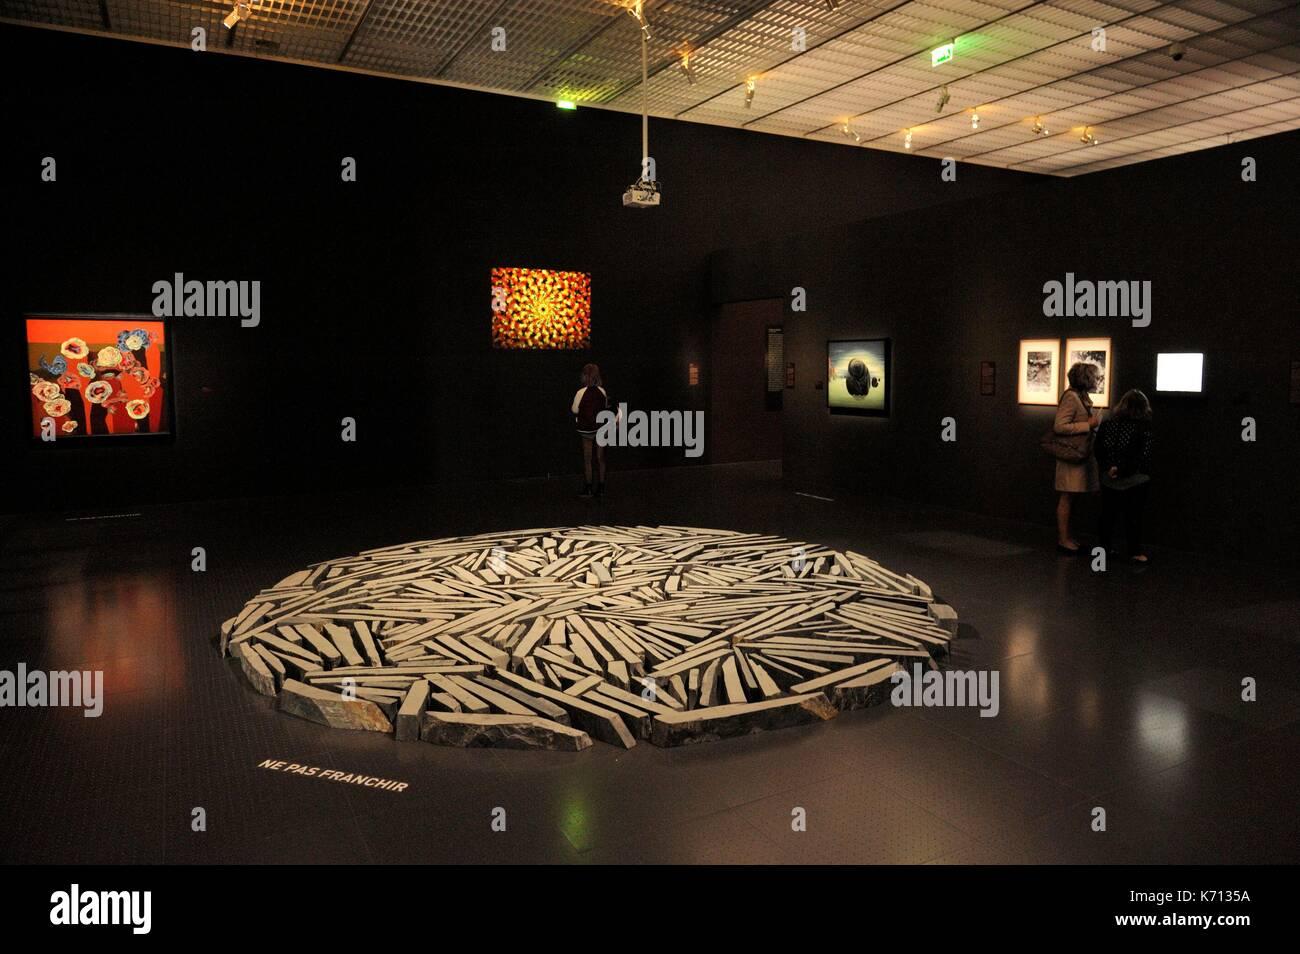 Francia, Moselle, Metz, el Centro Pompidou, el centro de arte diseñado por los arquitectos Shigeru Ban y Jean de Gastines, exposición: Jardin infini de Giverny a la Amazonía Foto de stock